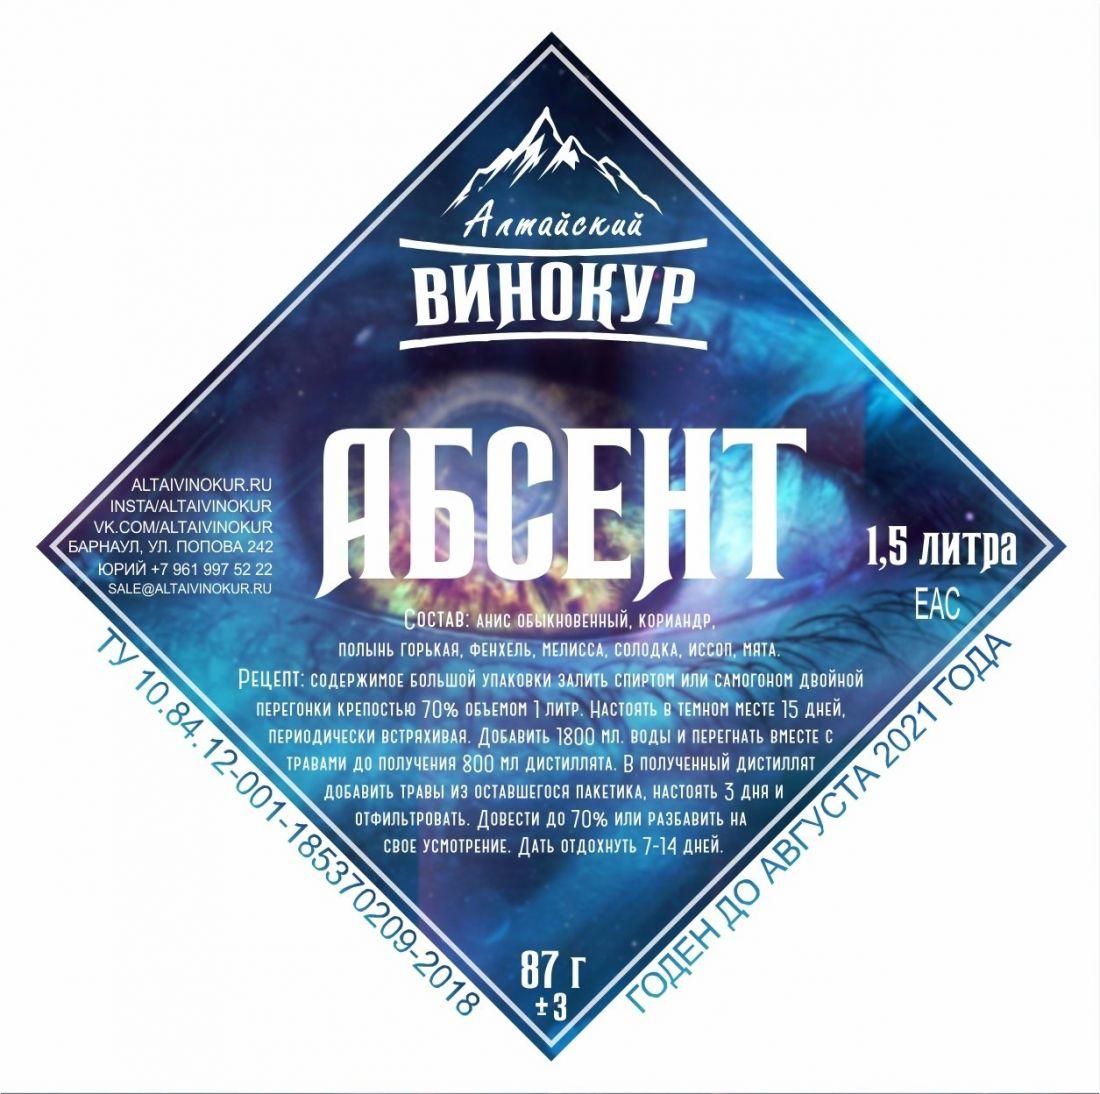 Набор Абсент (Алтайский Винокур)